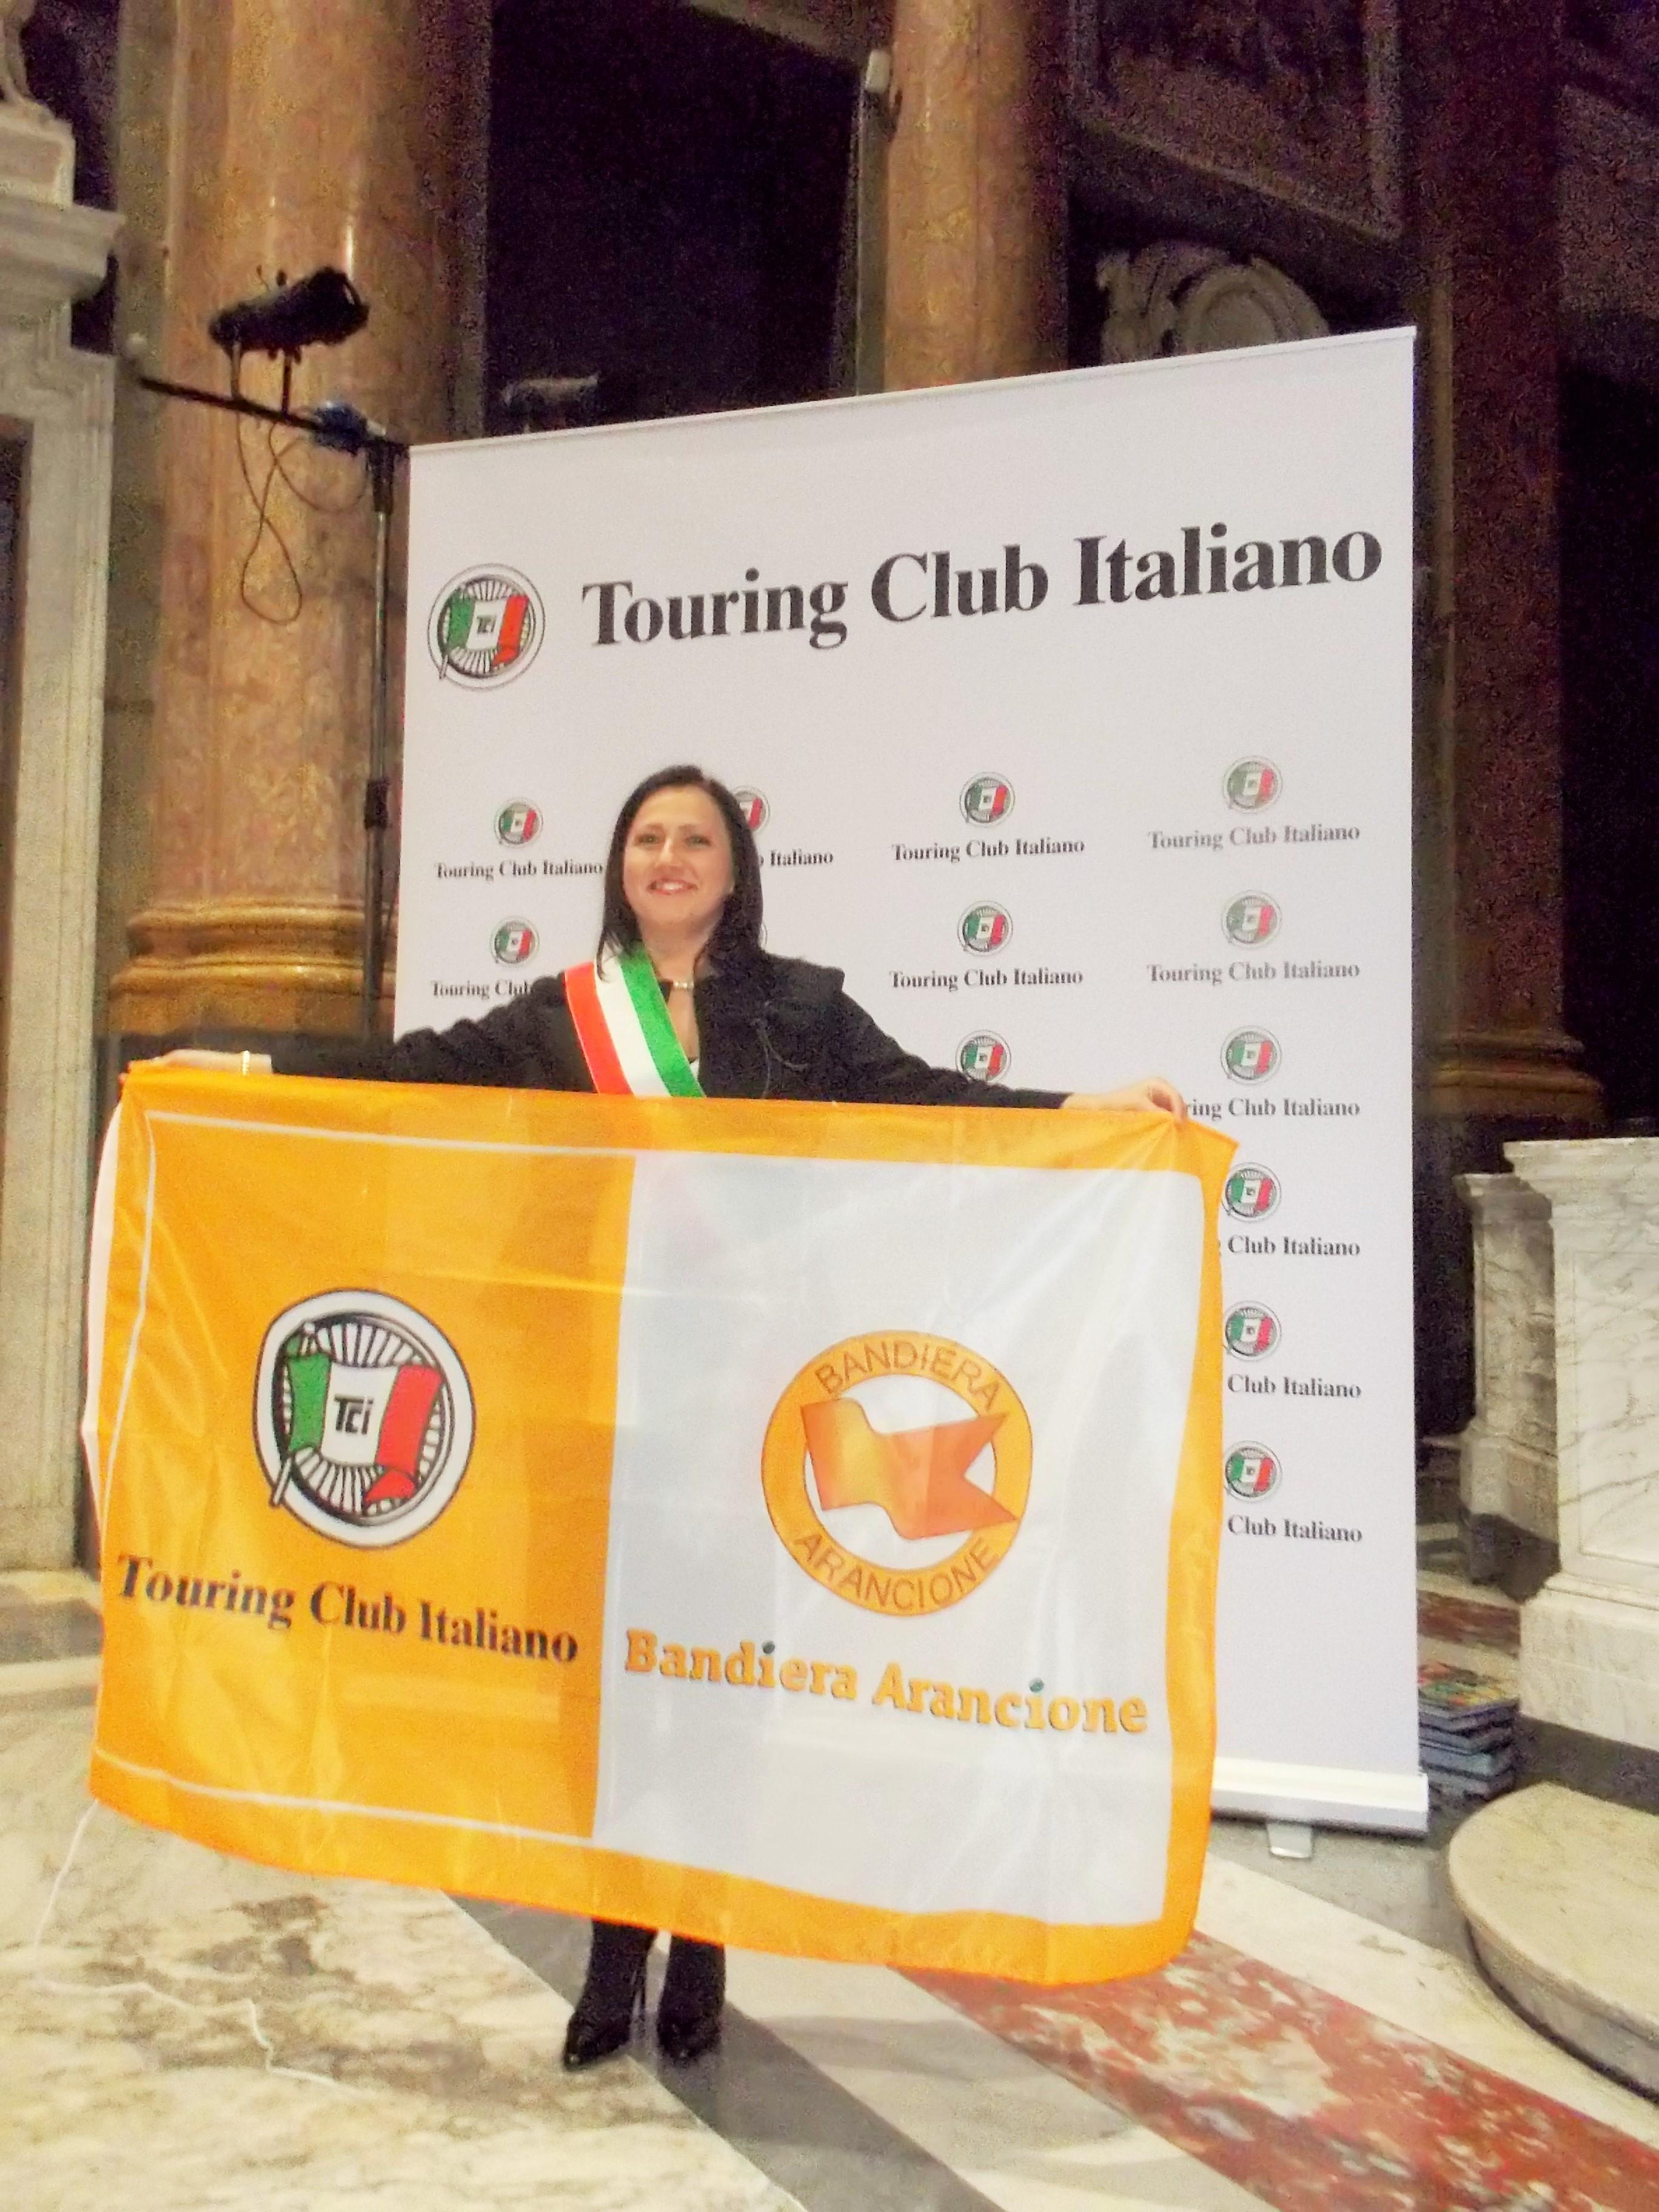 Confermata la Bandiera Arancione del Touring Club per Lucignano